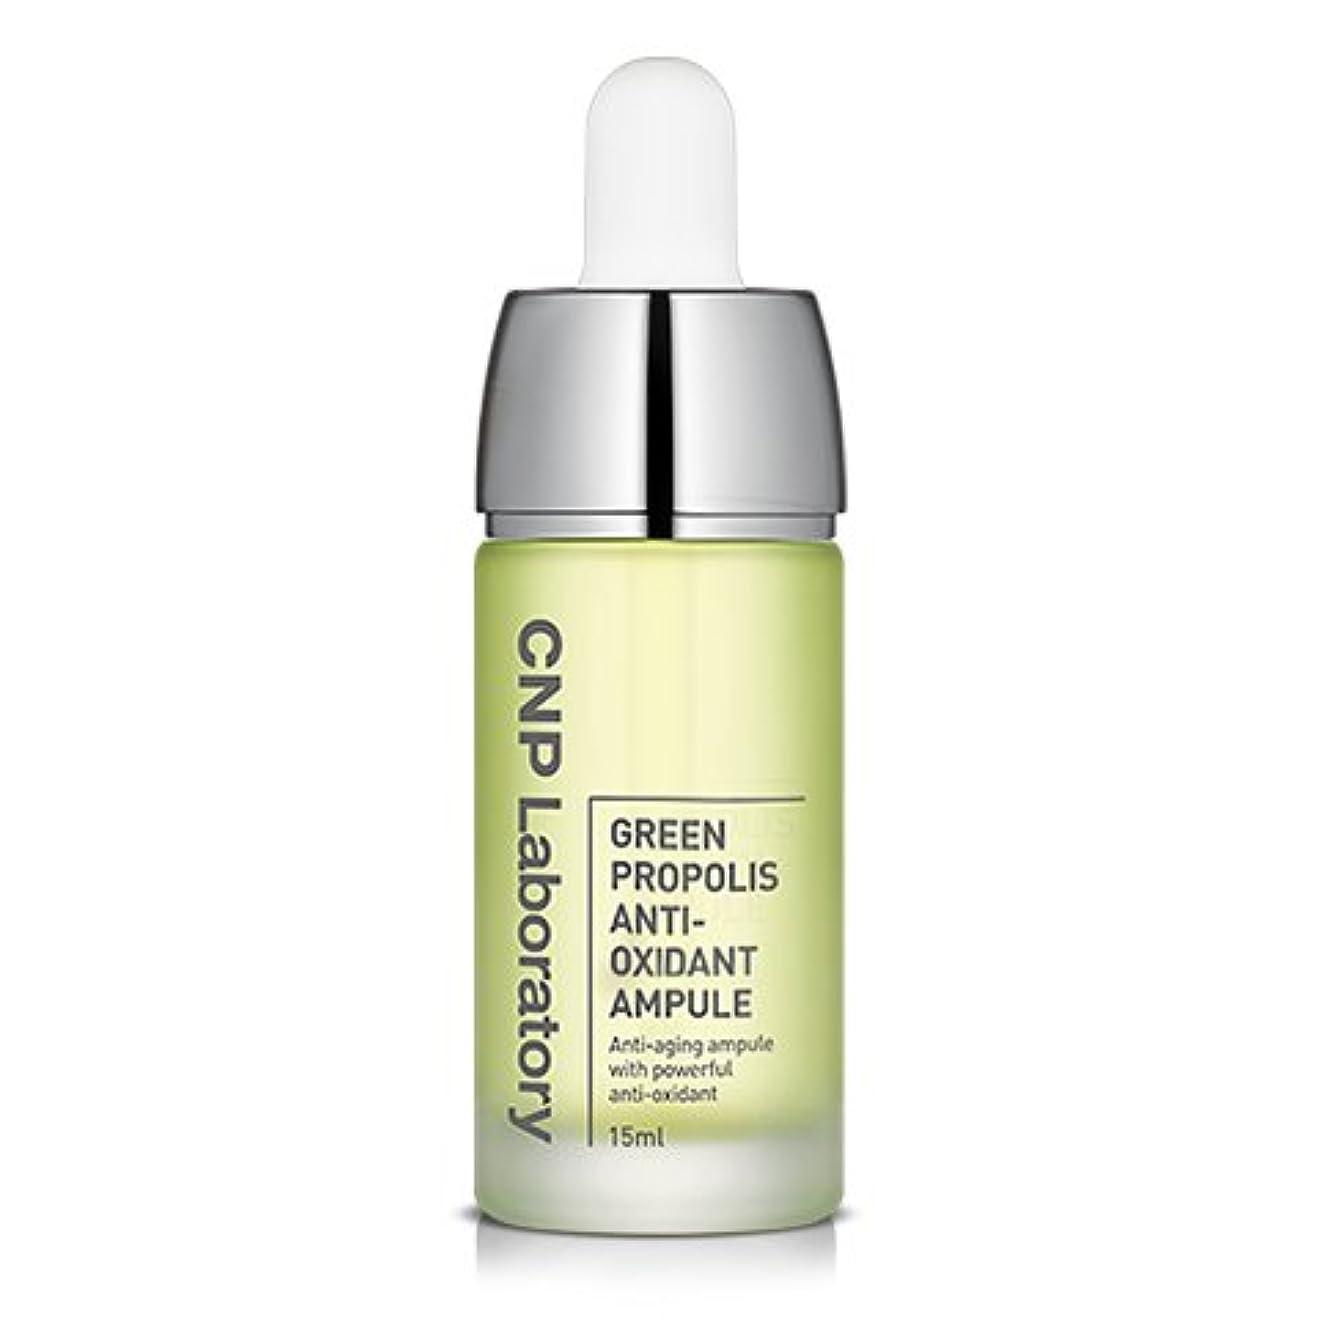 守る熟考する助けになるCNP Laboratory グリーンプロポリス酸化防止剤アンプル/Green Propolis Anti-Oxidant Ampule 15ml [並行輸入品]